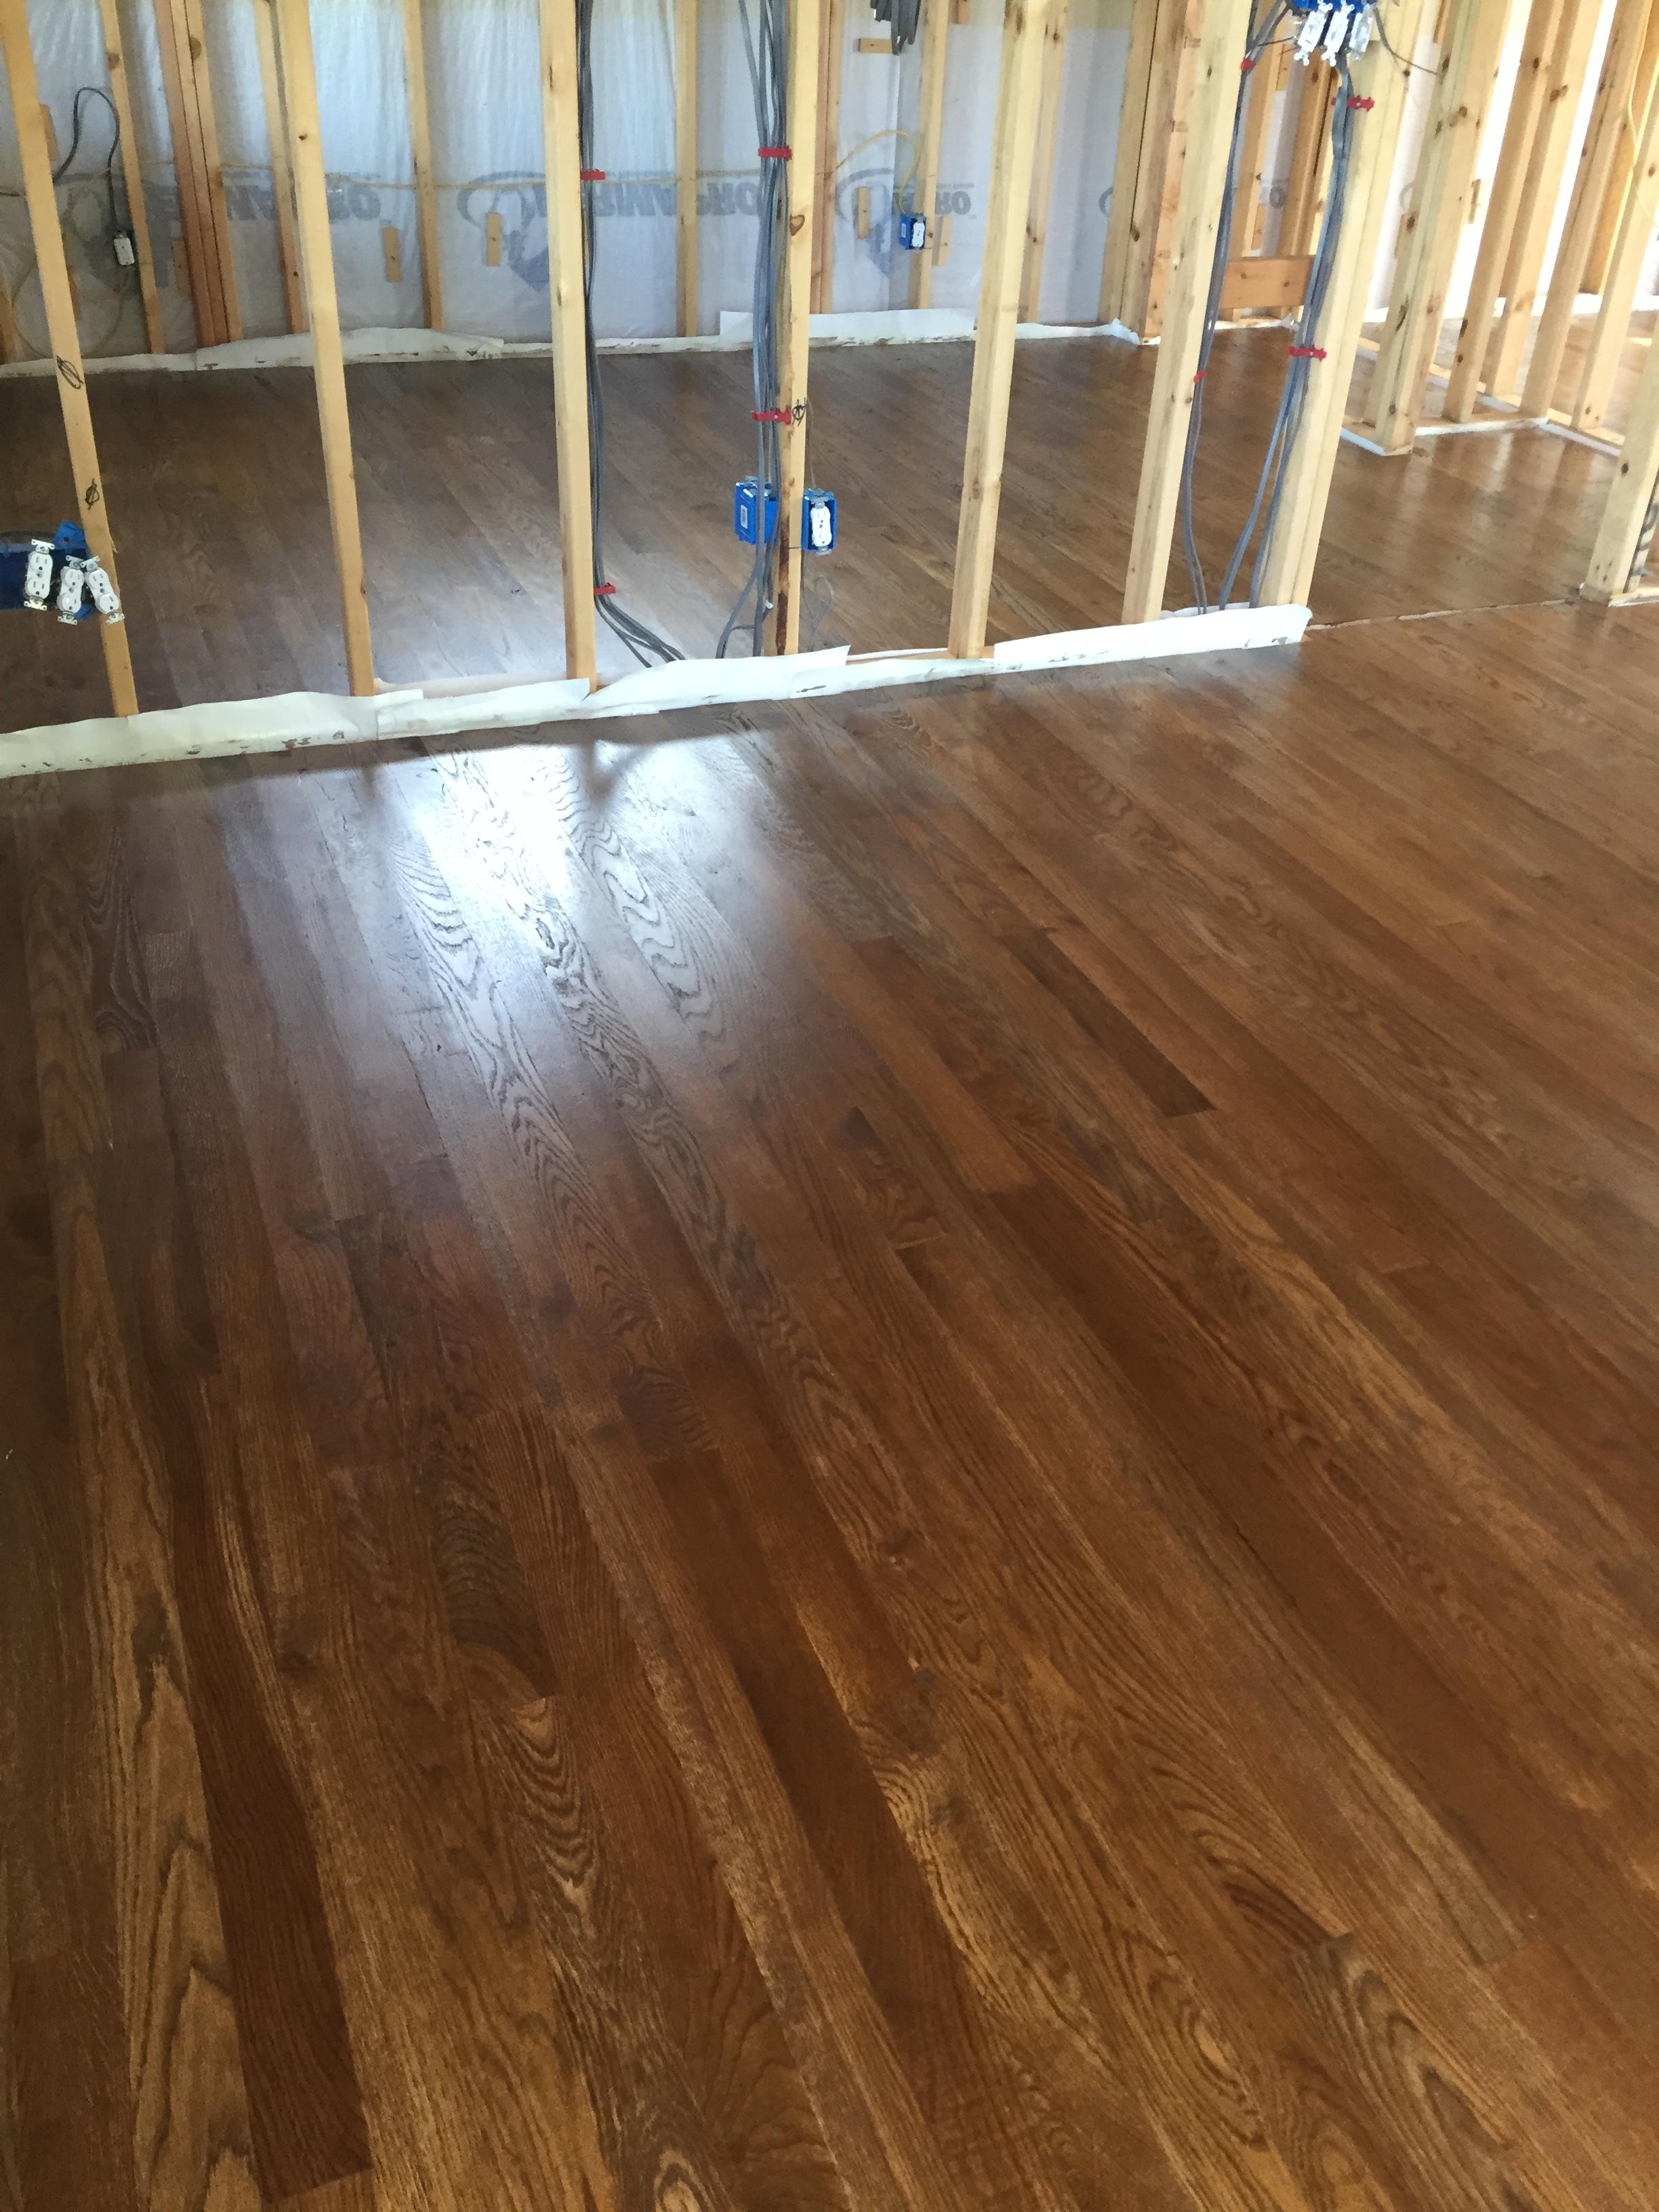 Solid Hardwood flooring-before being sealed